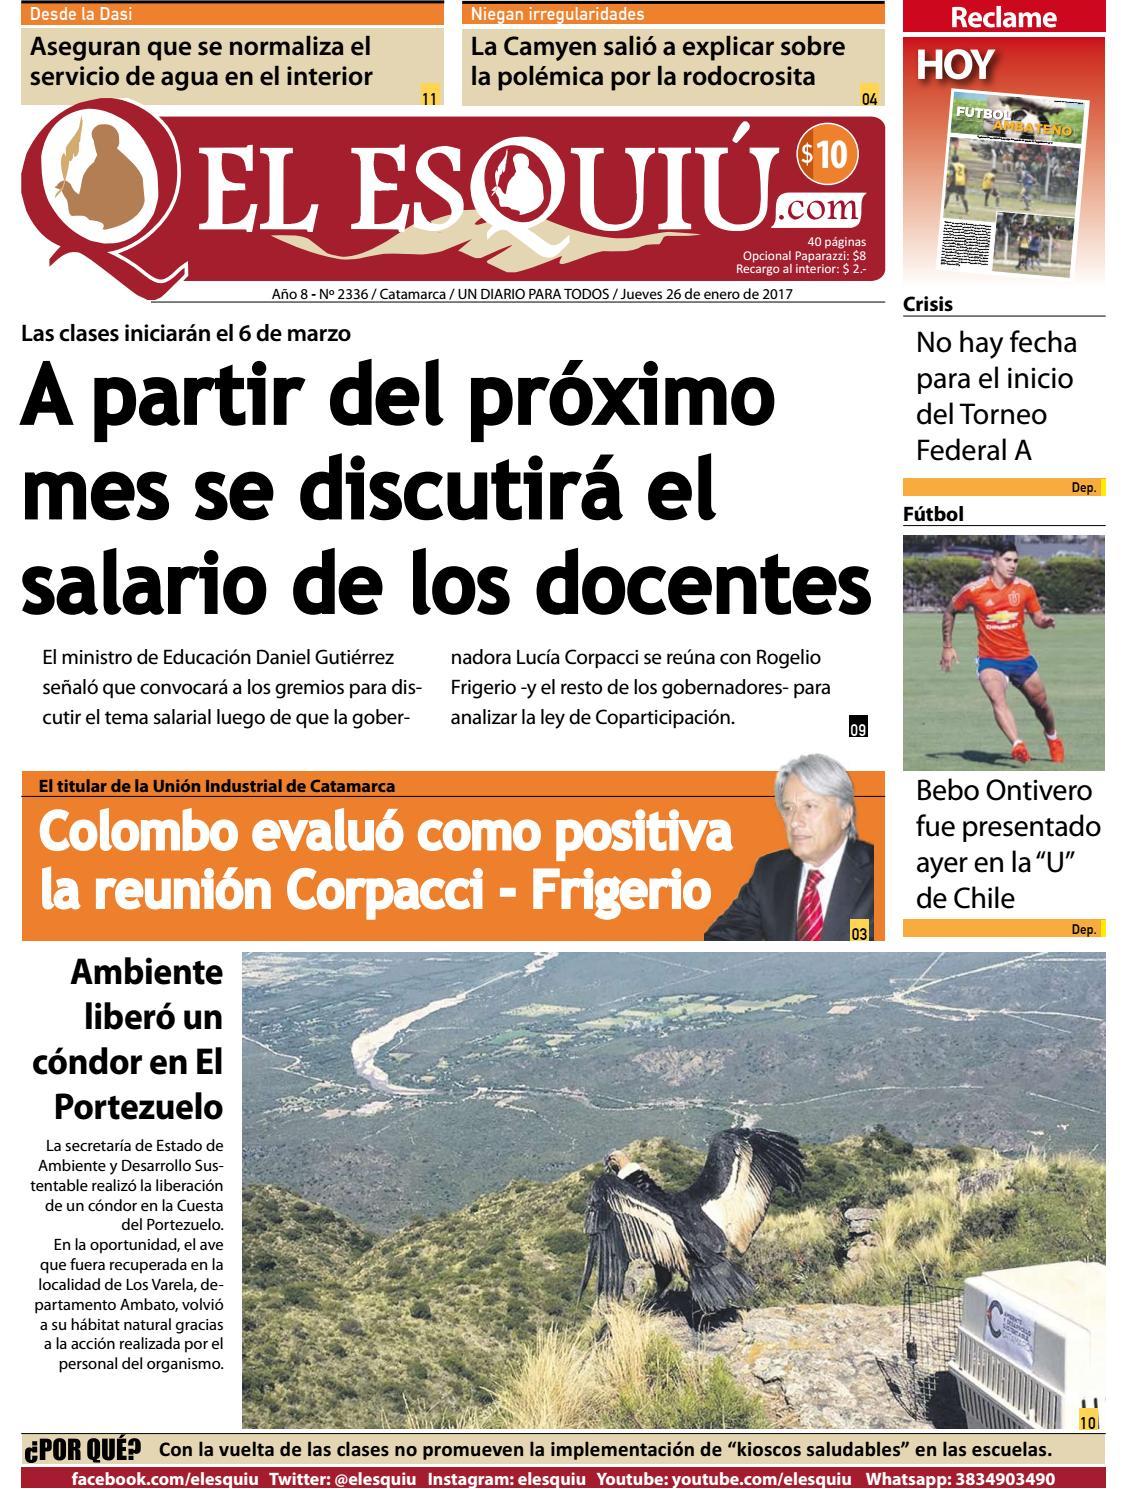 El Esquiu Com Jueves 26 De Enero De 2017 By Editorial El Esqui